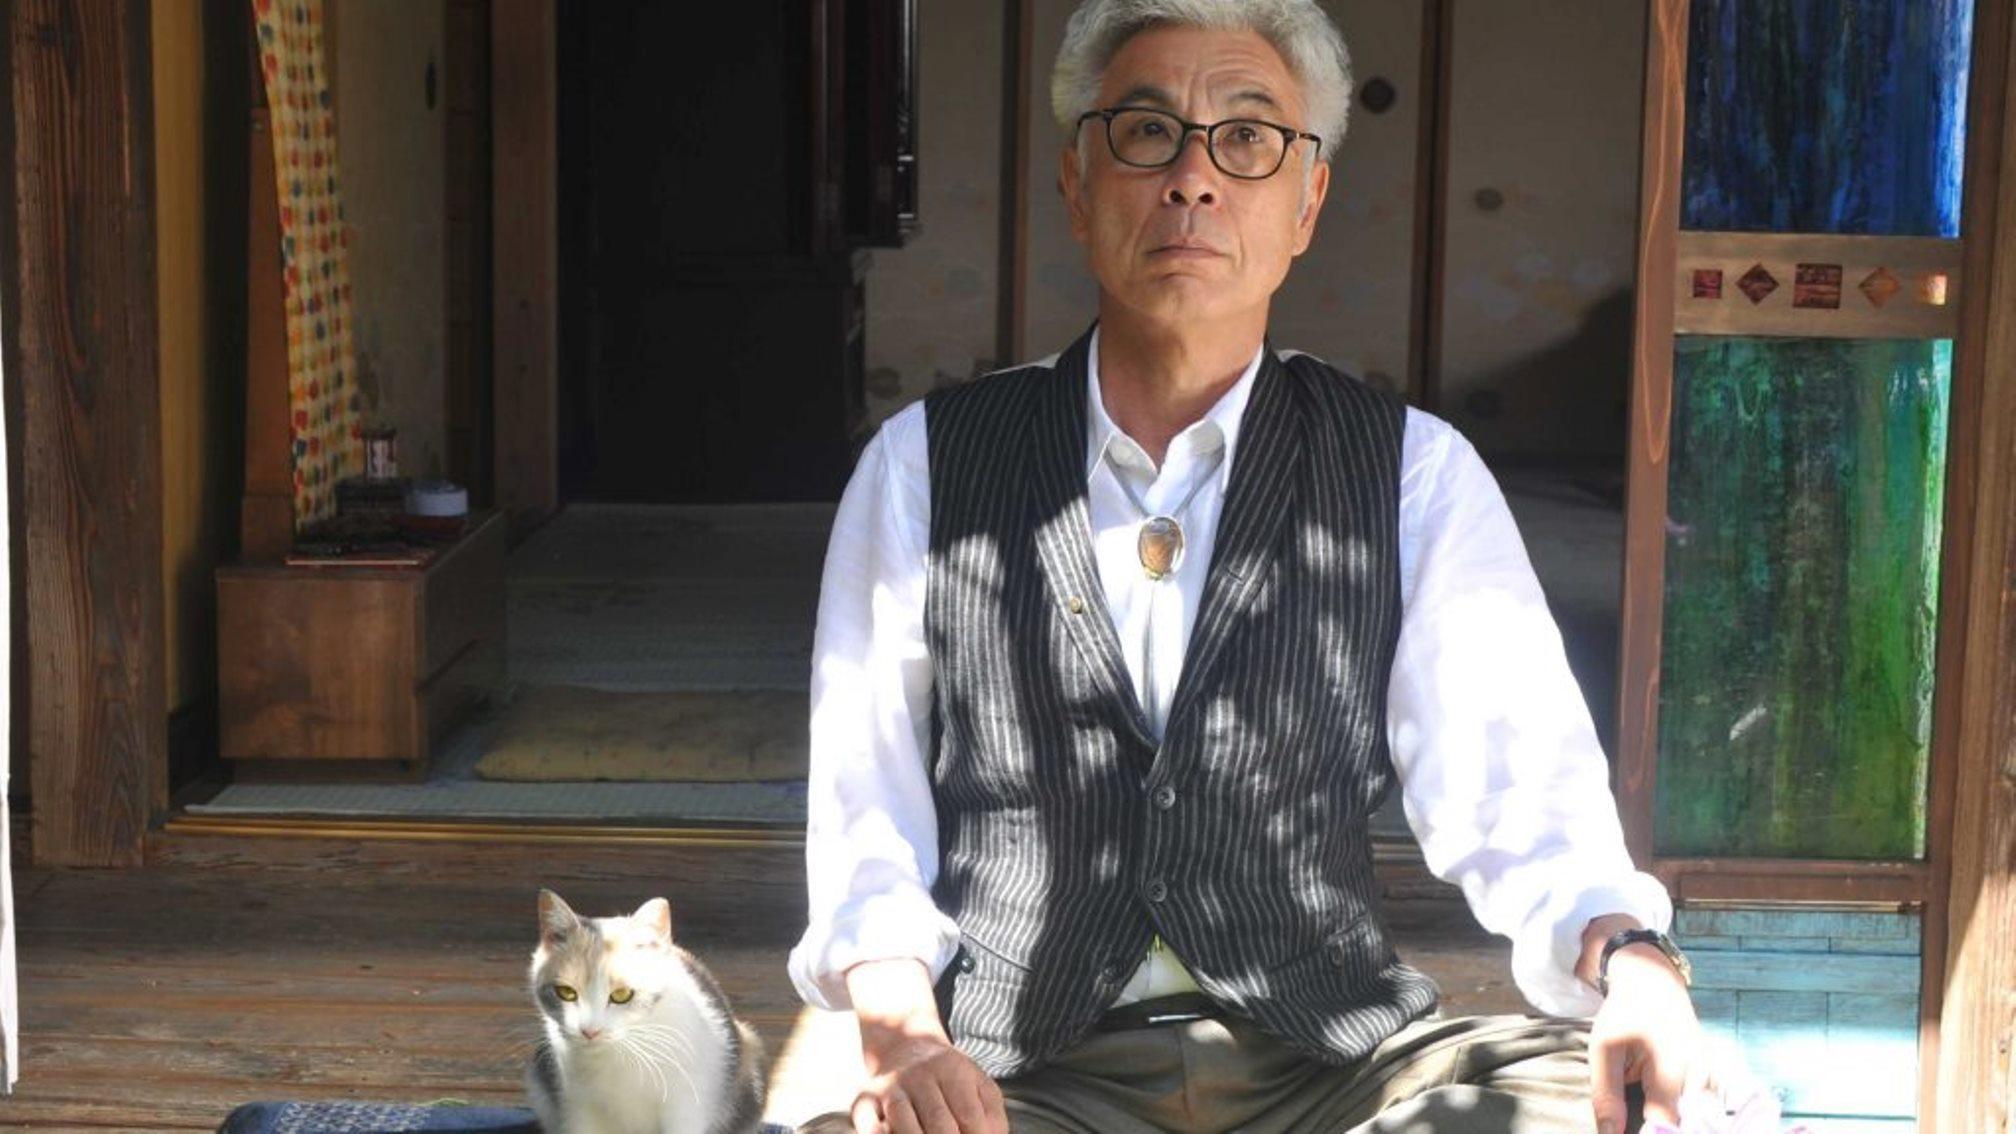 老師與流浪貓預告片 01